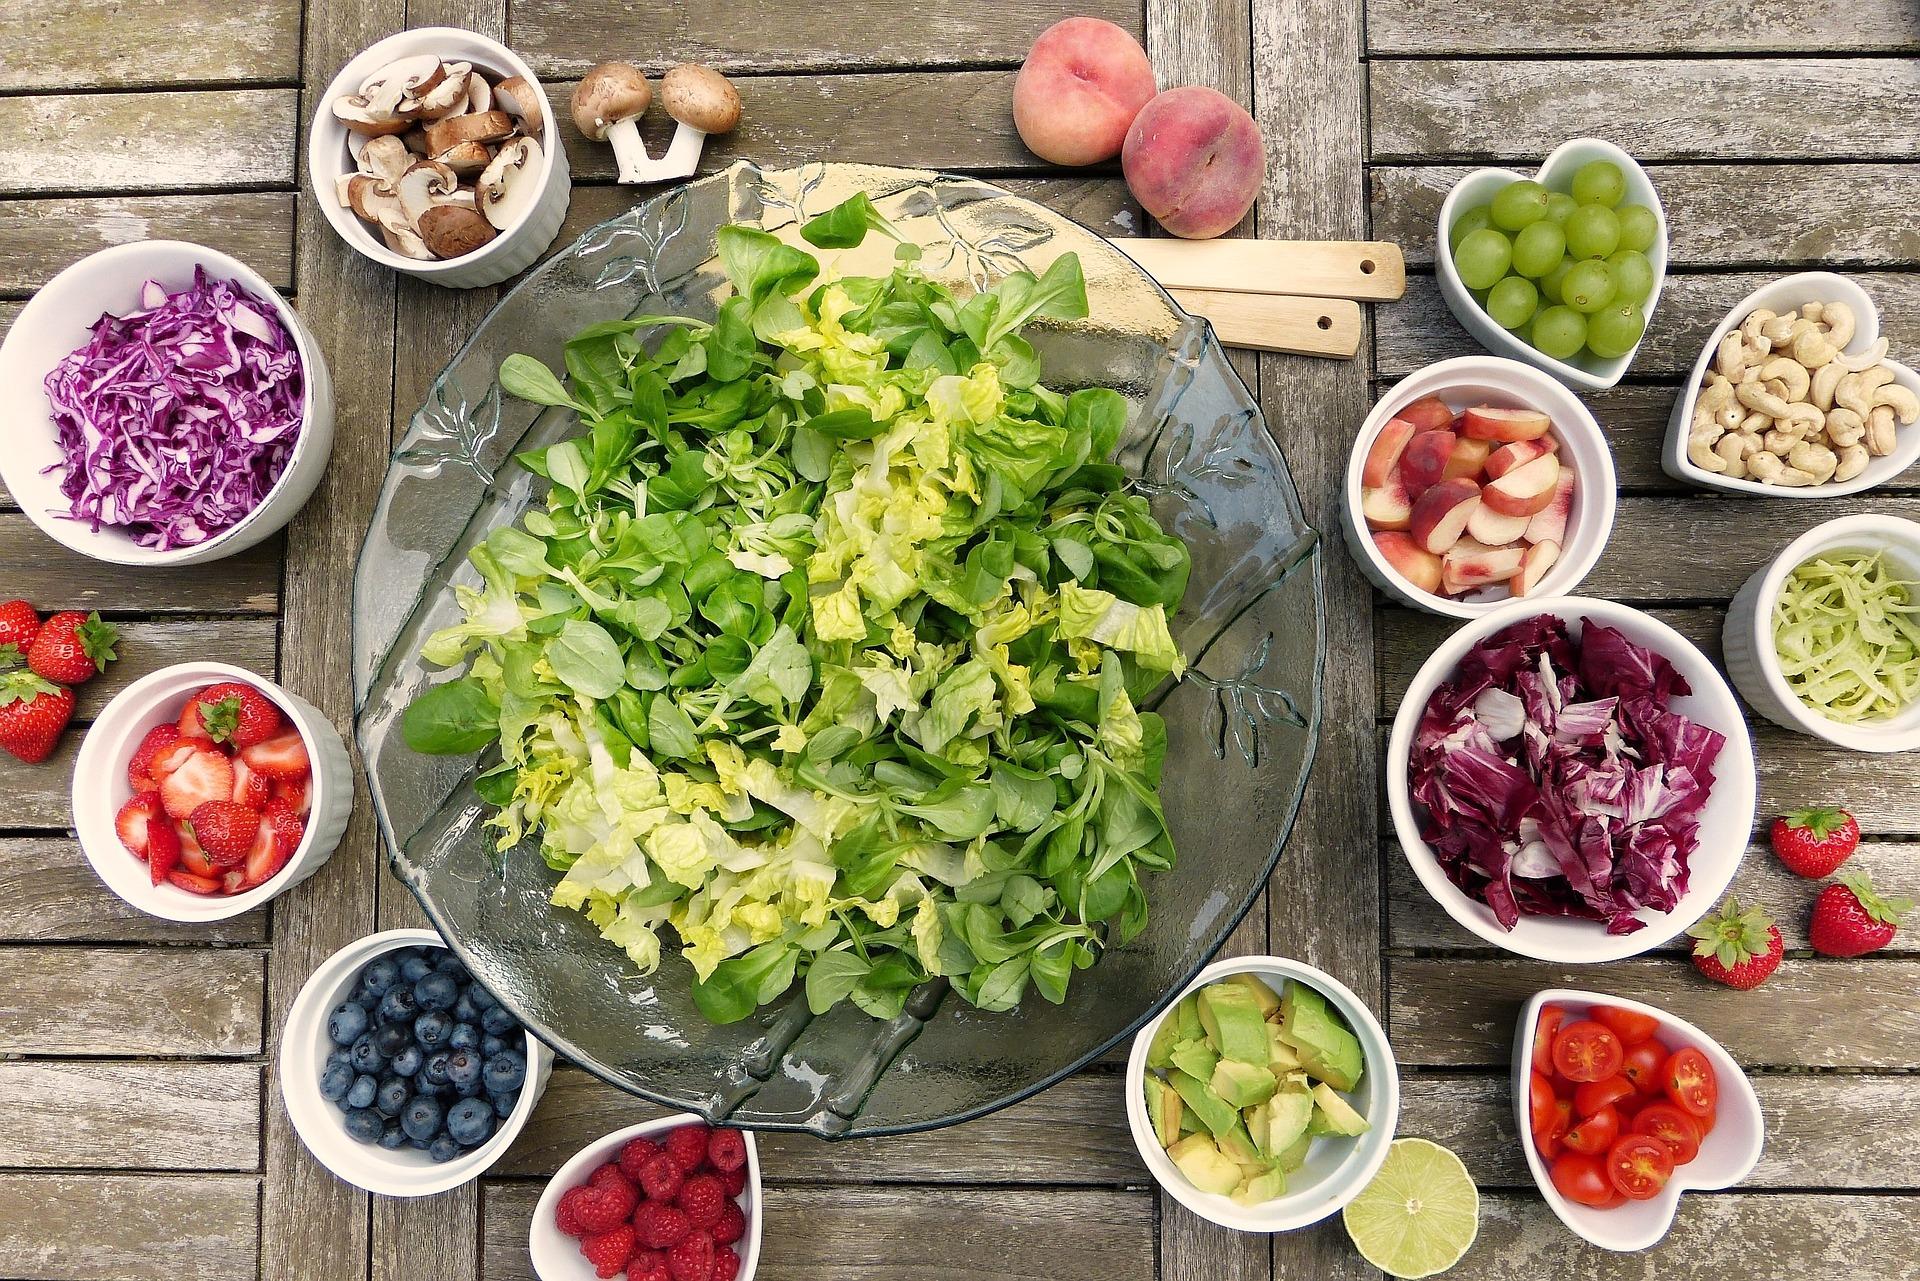 dieta detox dopo le feste